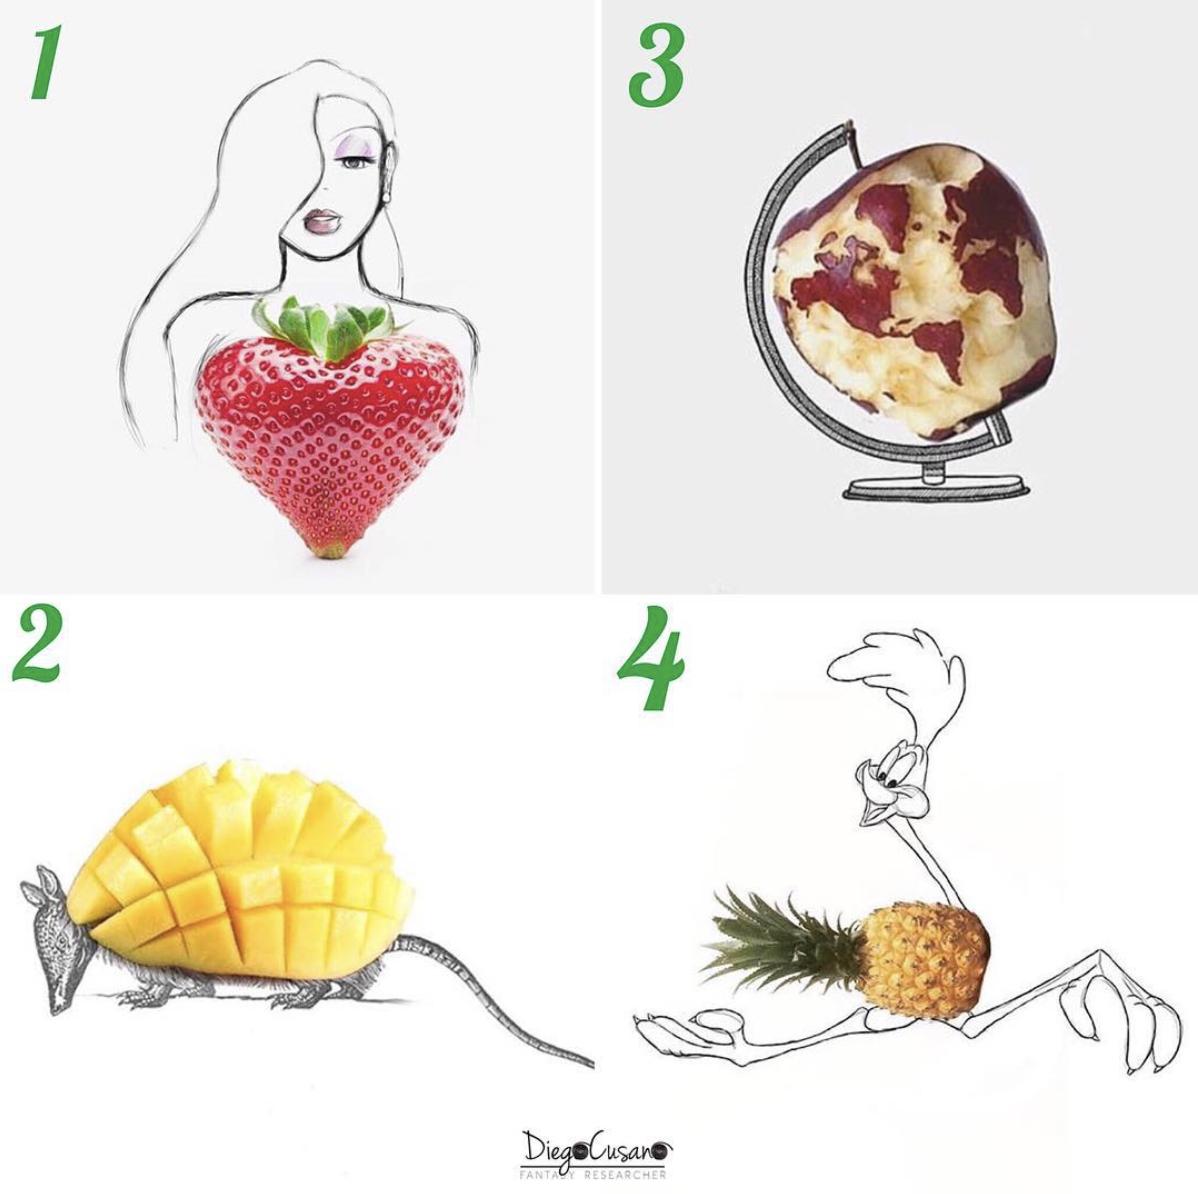 Diego Cusano - frutta